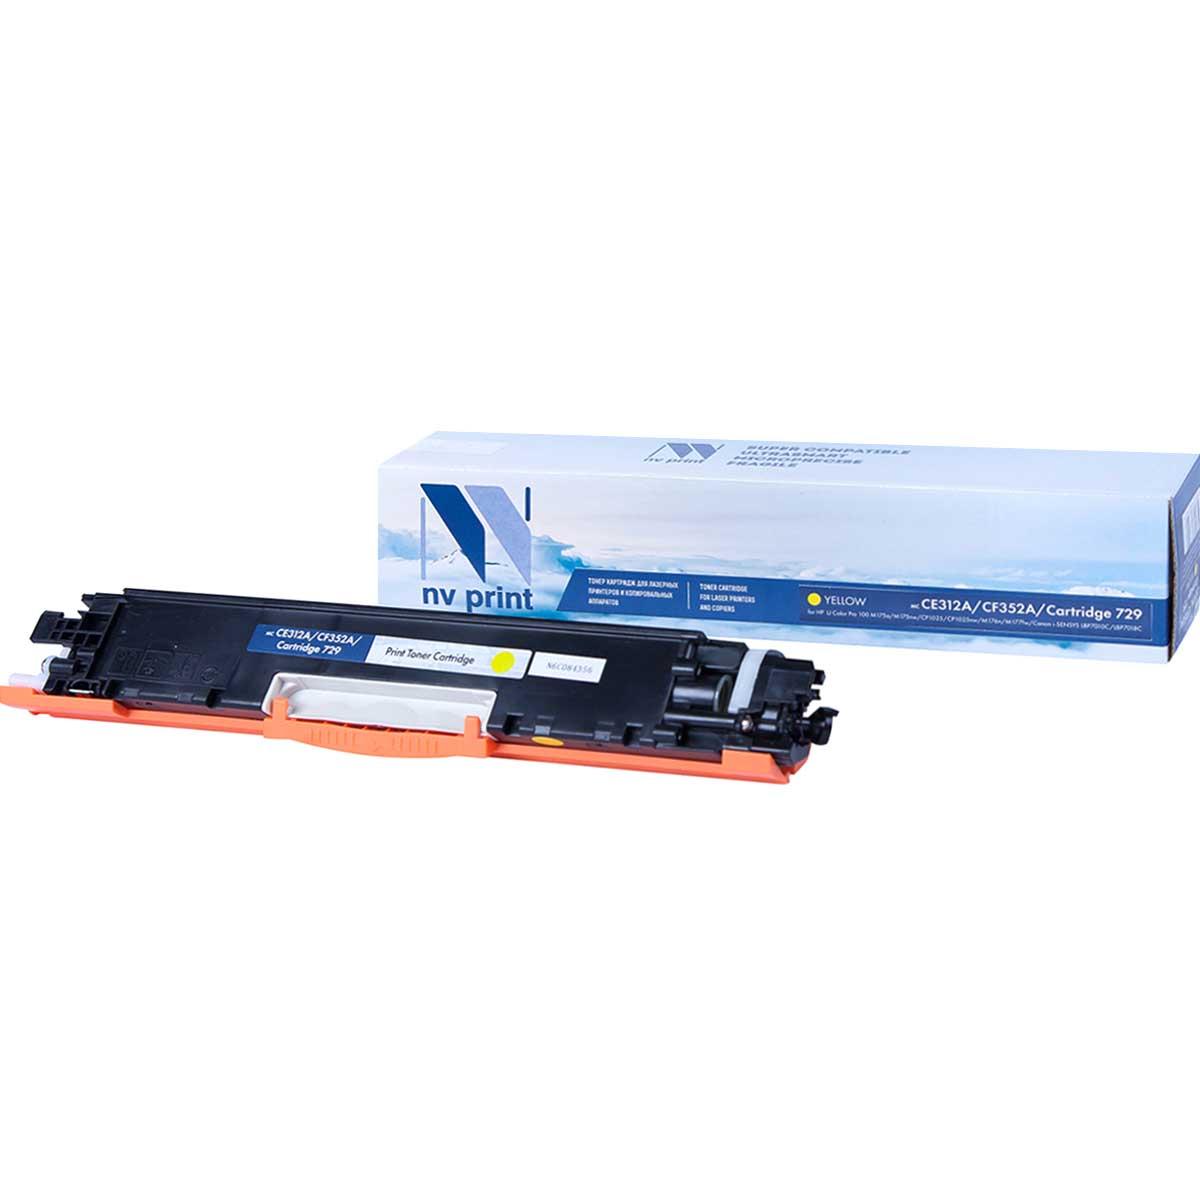 Картридж для лазерного принтера NV Print CE312A/CF352A/729Y, желтый NV-CE312A/CF352A/729Y